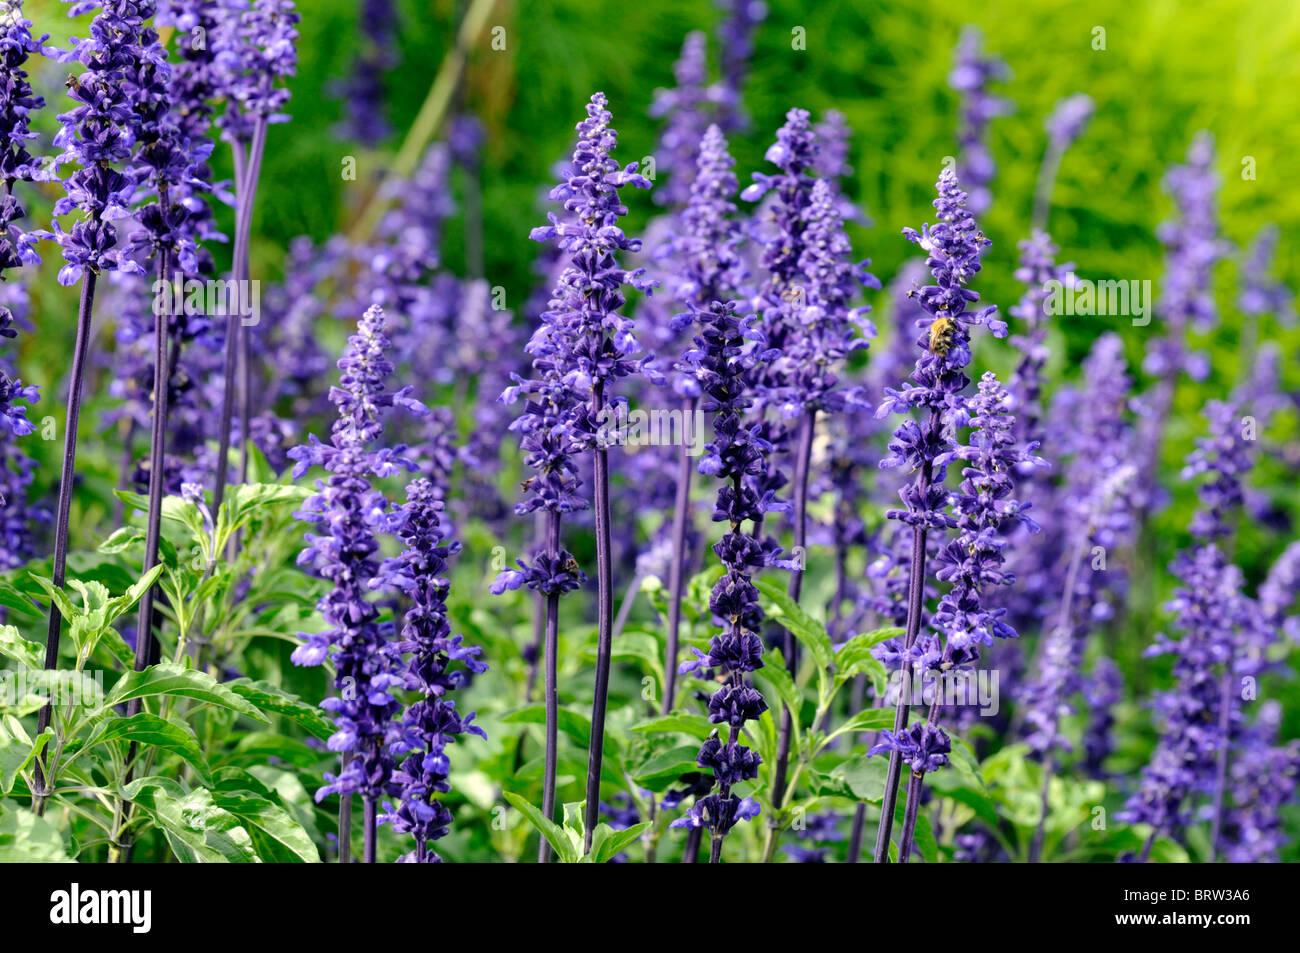 Pianta Fiori Viola.Salvia Farinacea Victoria Erbacee Perenni Piante Fiori Viola Bloom